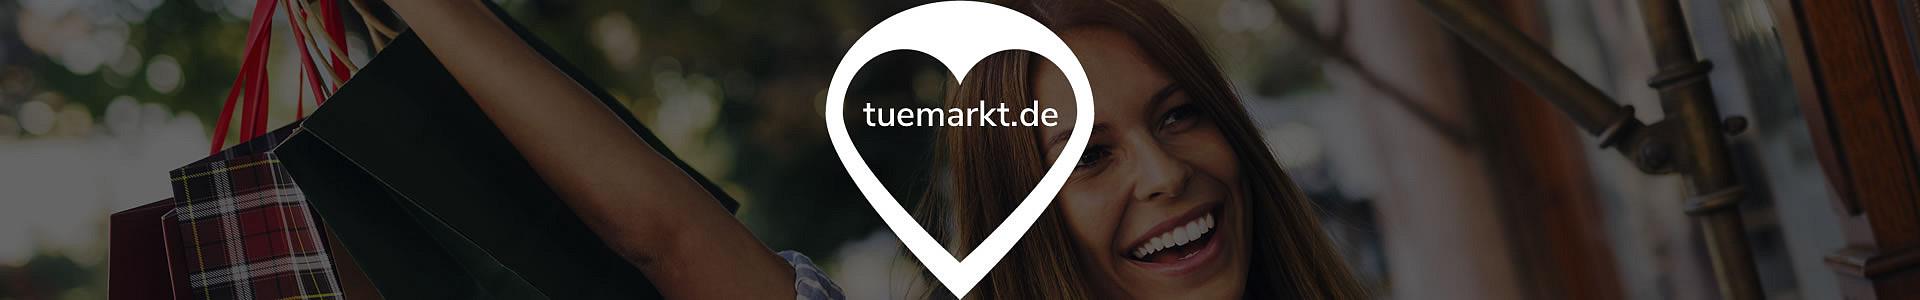 Tuemarkt.de - Einkaufen, Erleben, Geniessen in Tübingen